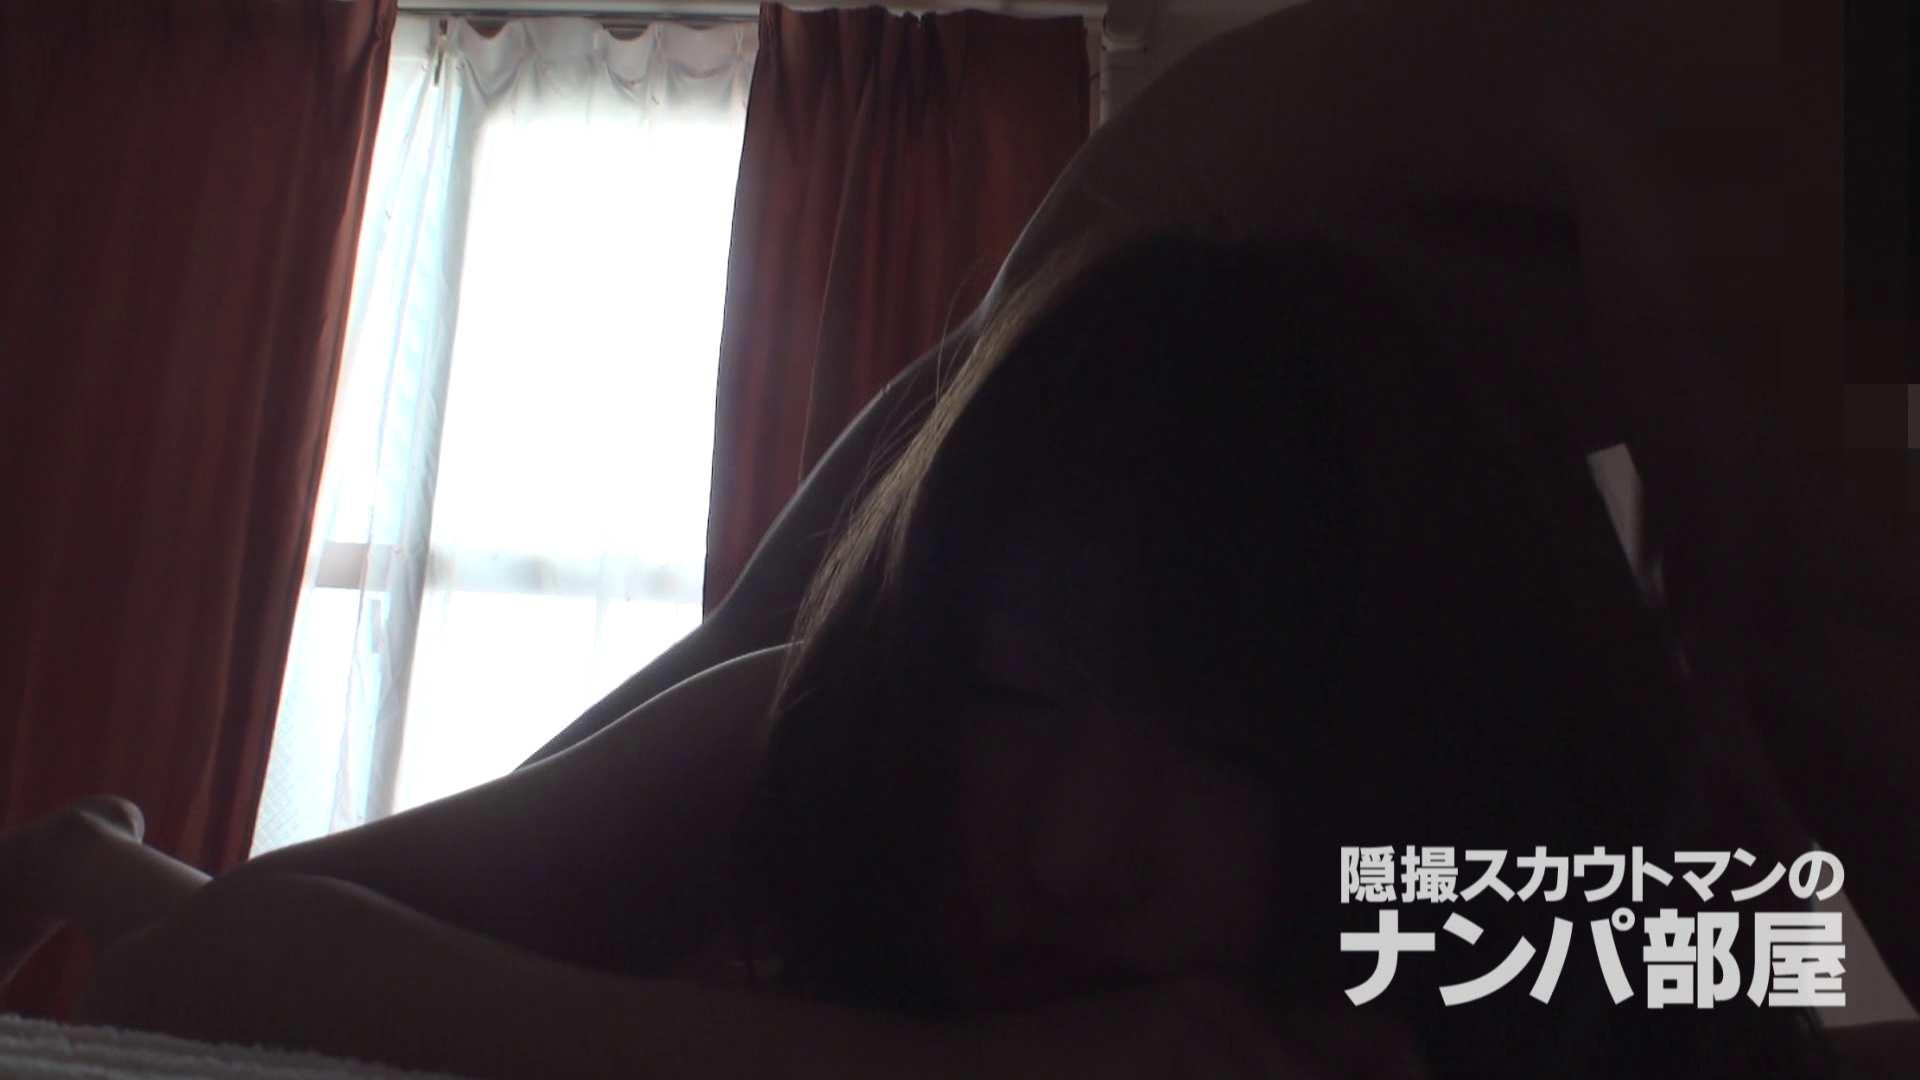 おまんこ:隠撮スカウトマンのナンパ部屋~風俗デビュー前のつまみ食い~ siivol.4:大奥